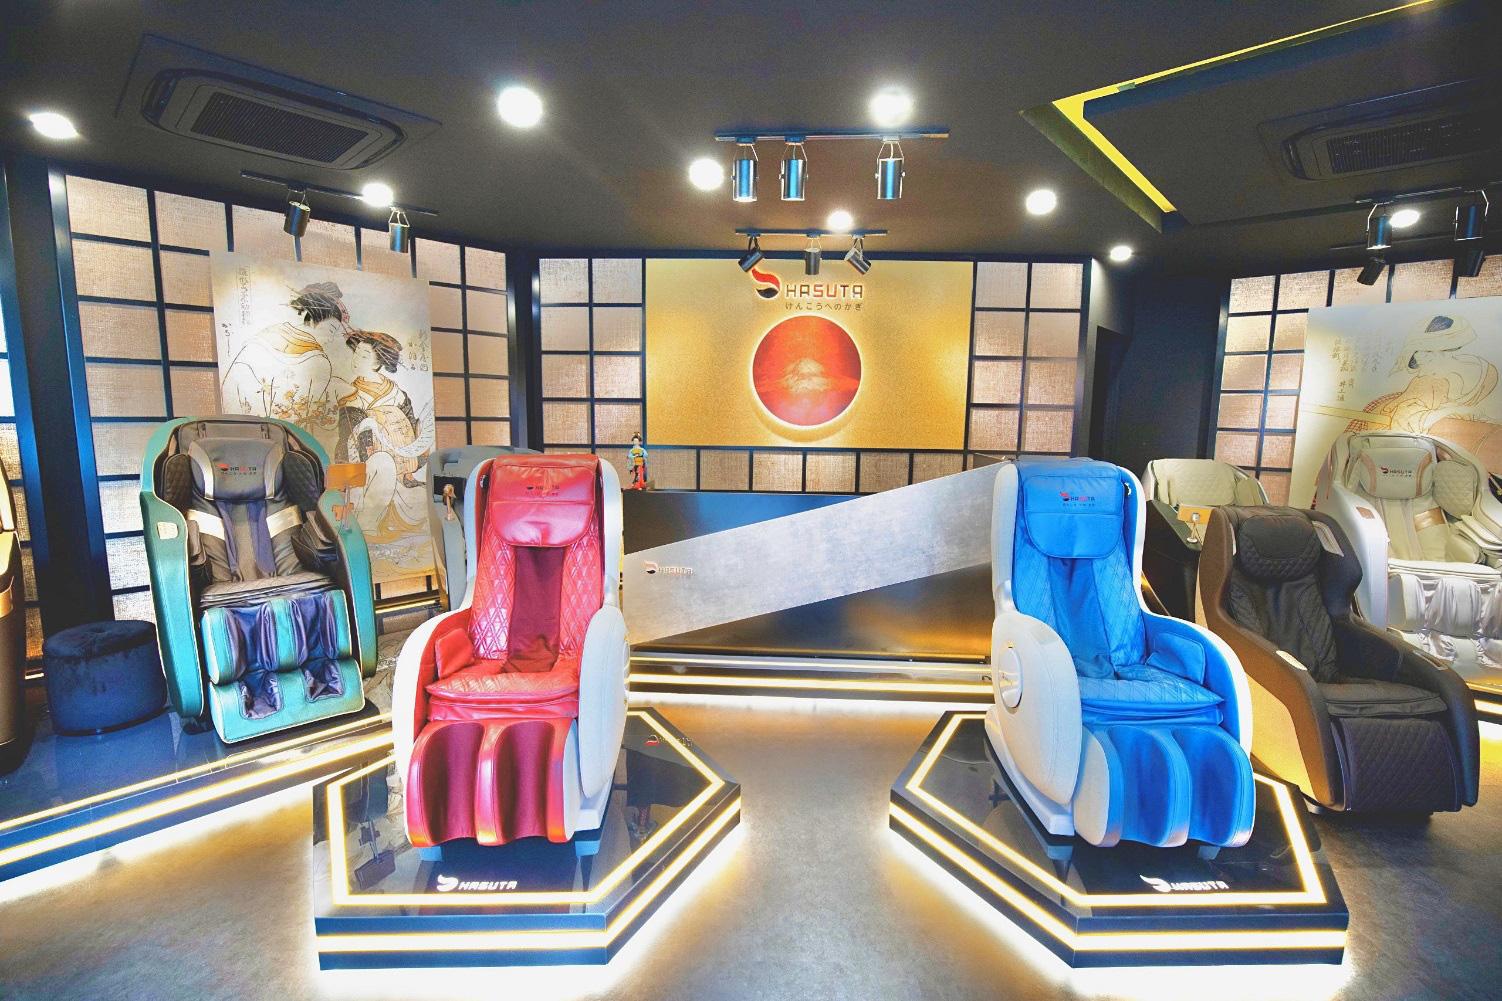 Hoa hậu Ngọc Hân tặng cha mẹ ghế massage Hasuta như món quà sức khỏe - Ảnh 2.